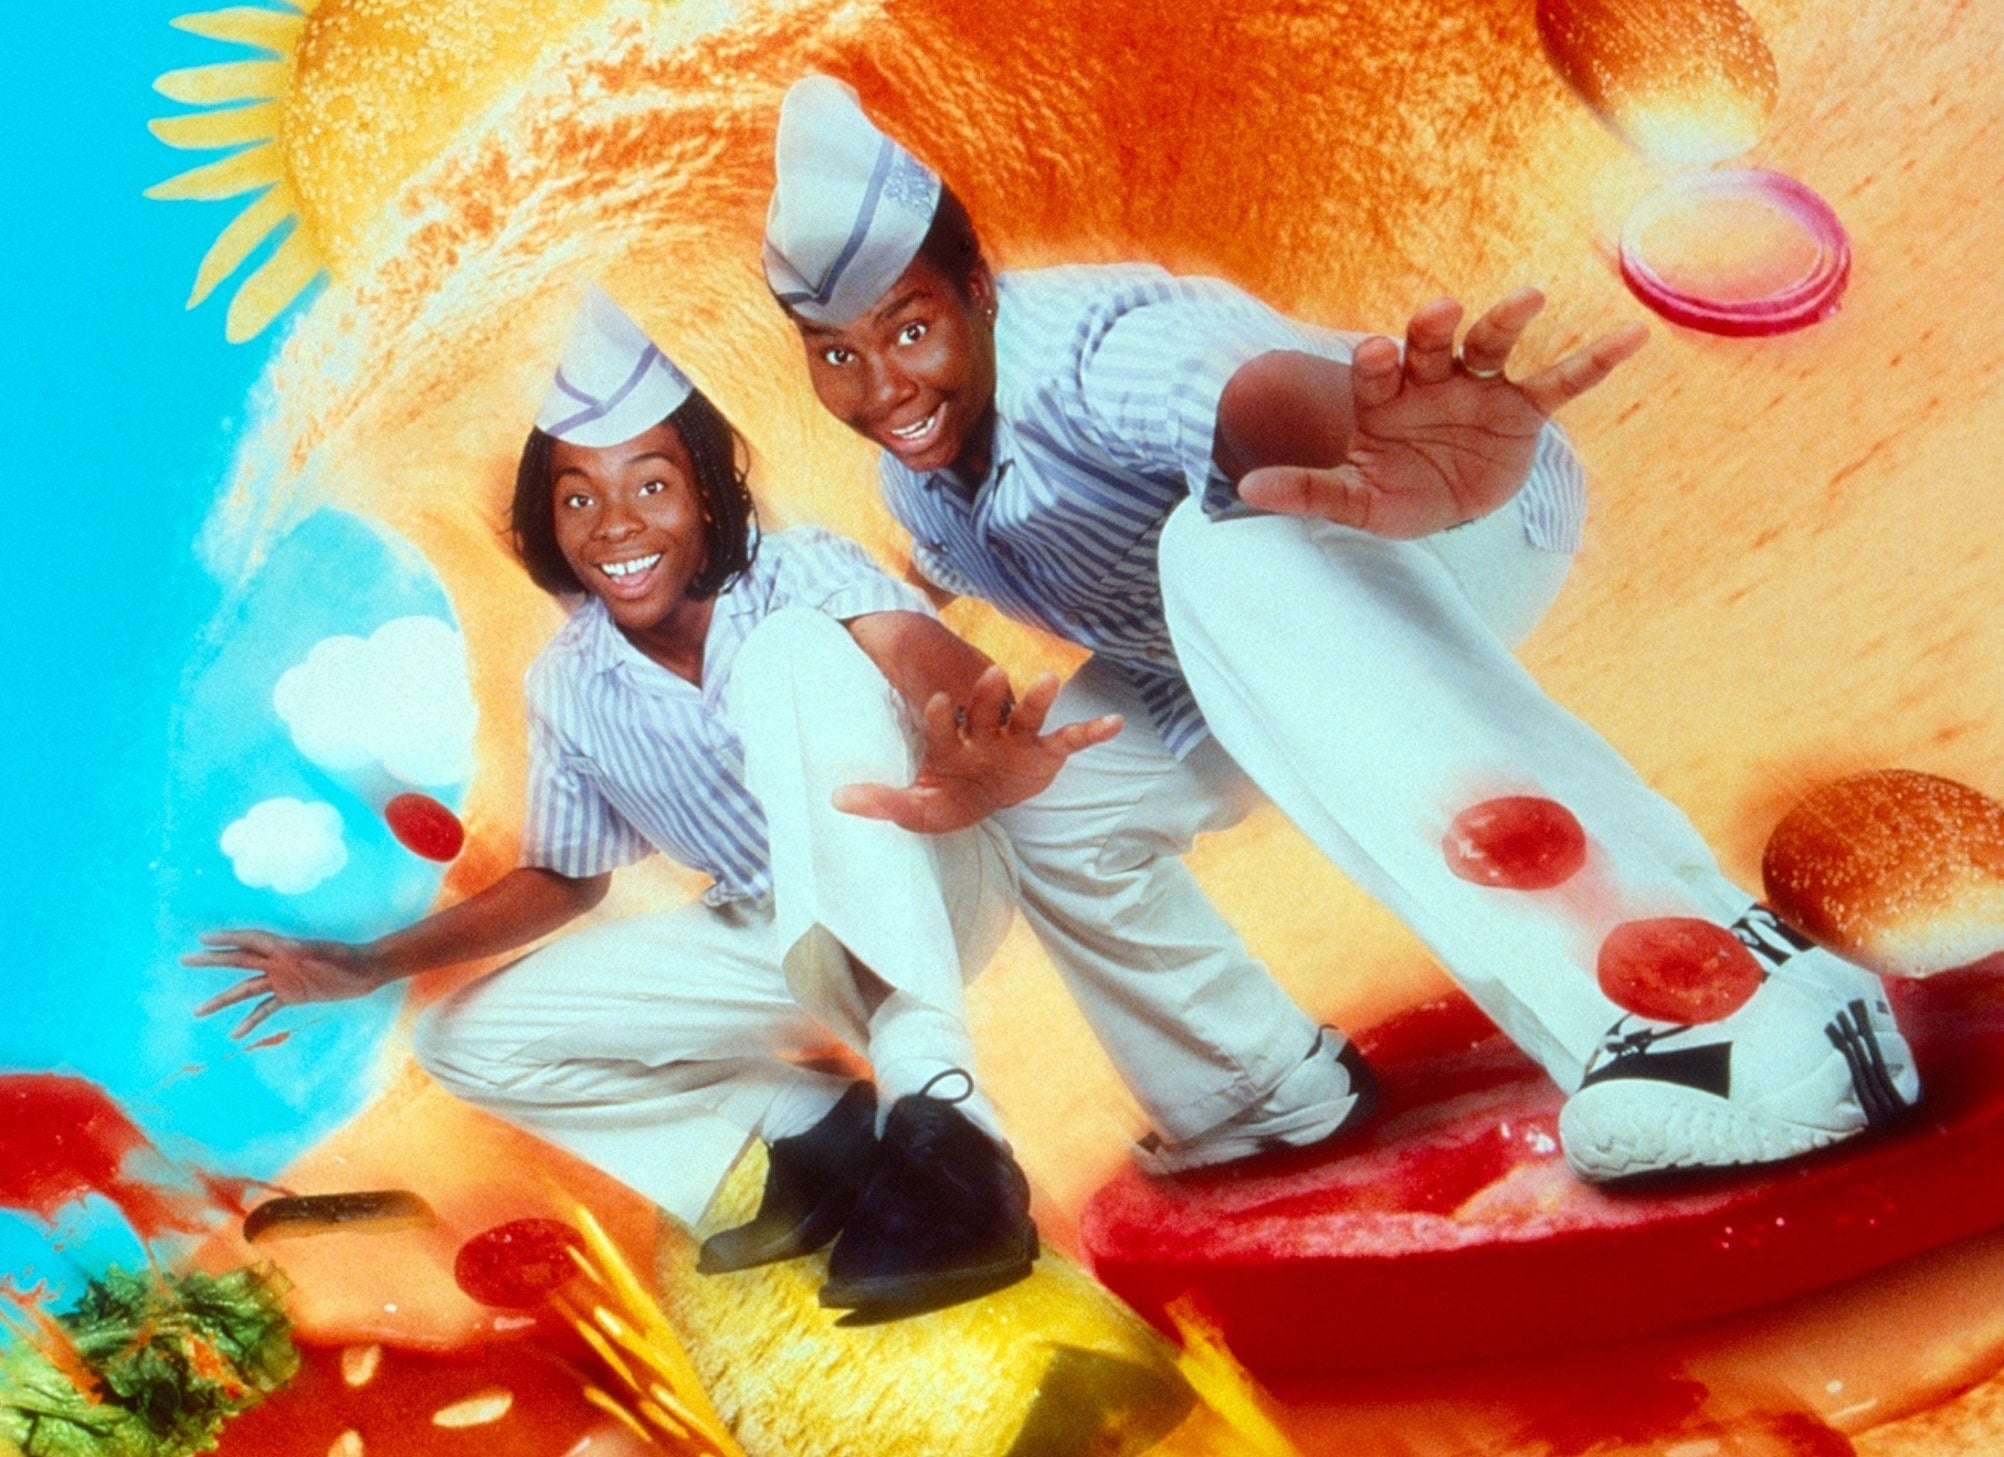 Kenan and Kel in Good Burger art